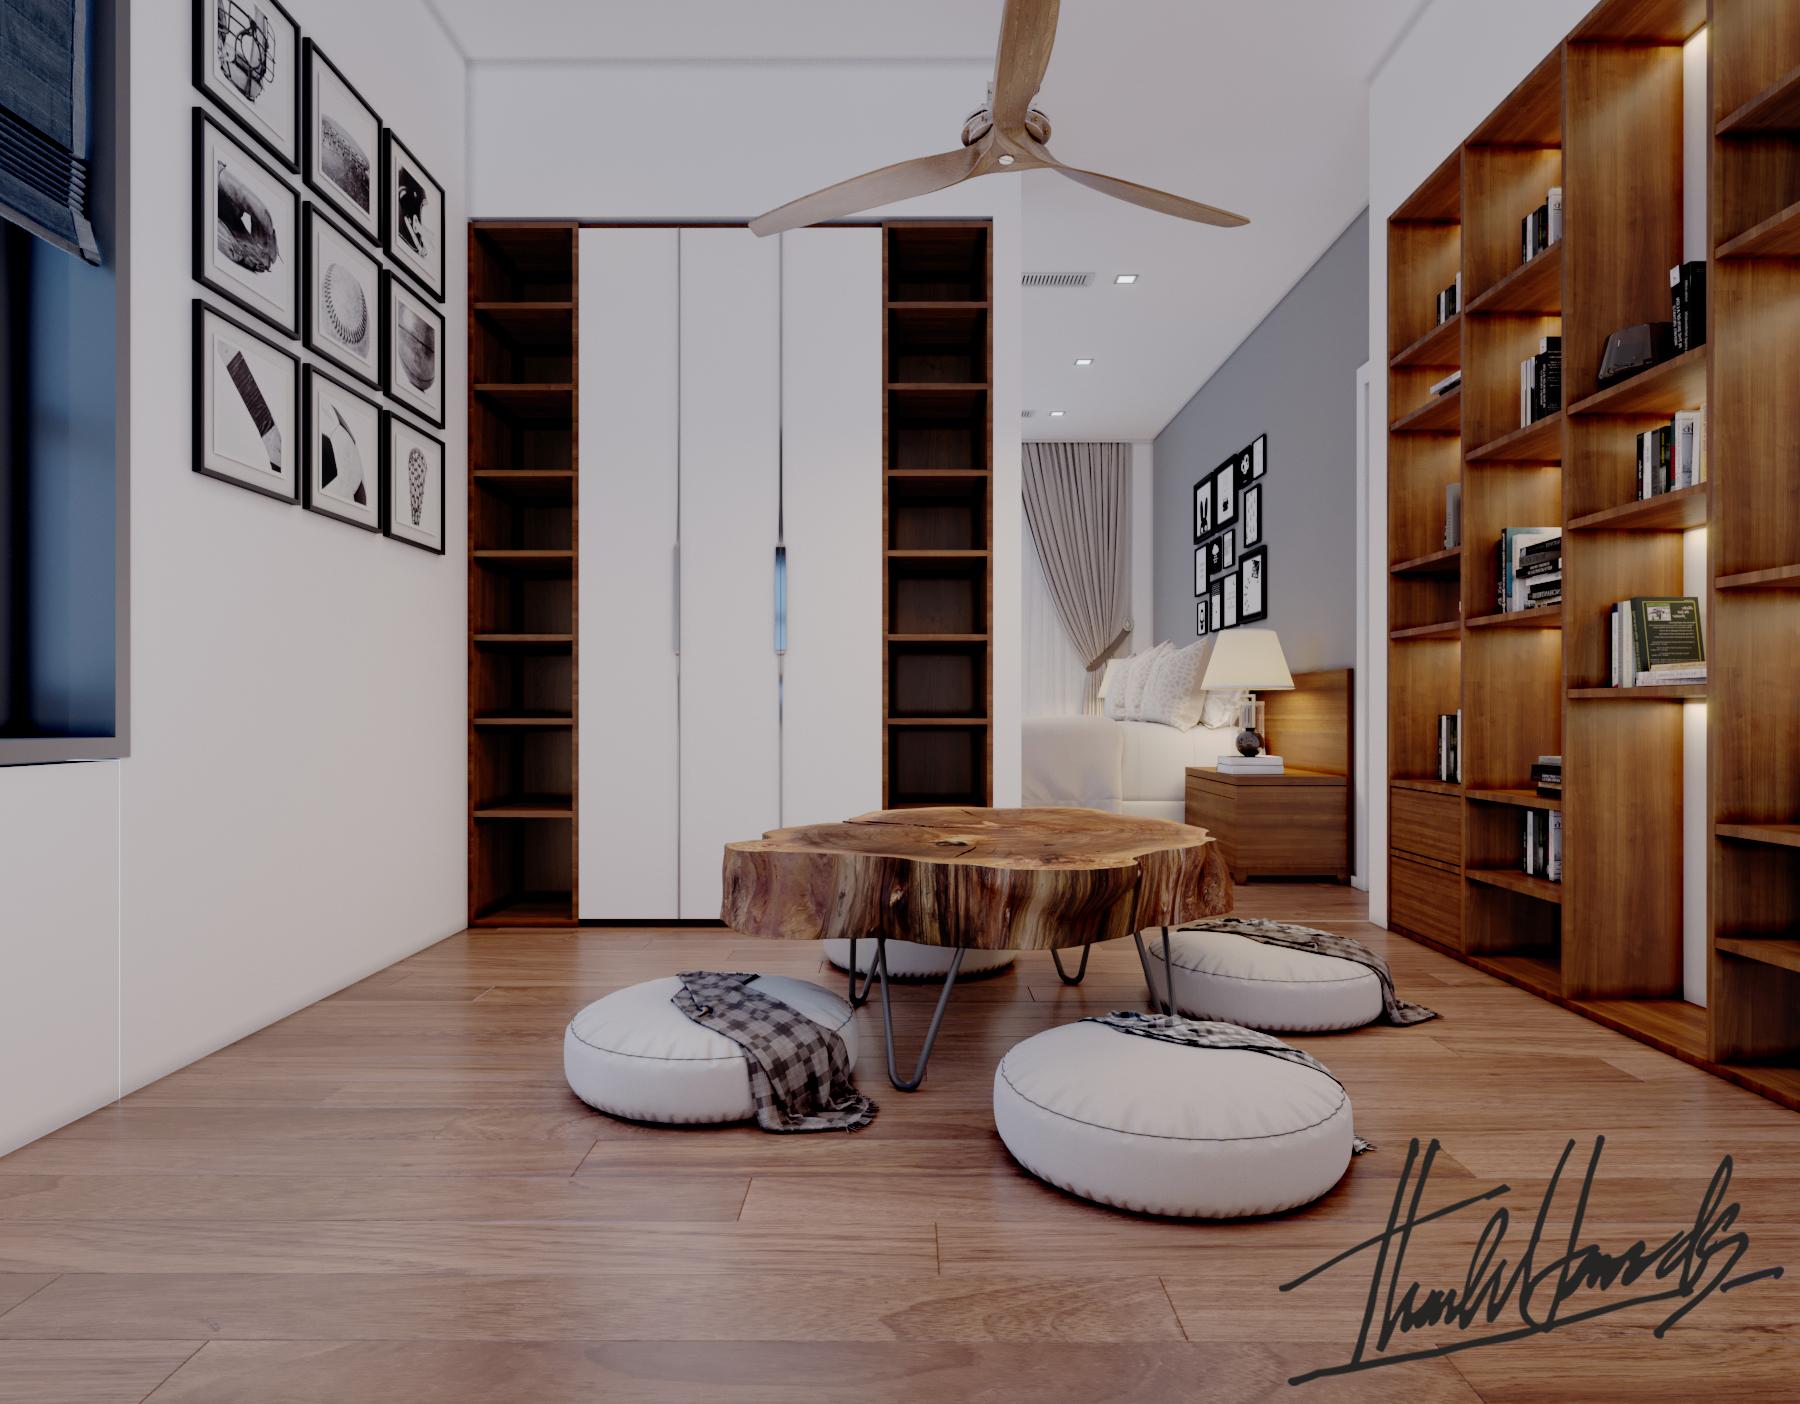 thiết kế nội thất Biệt Thự tại Hải Phòng Biệt thự Vinhomes - imperia ( khu VEN) 24 1568278779